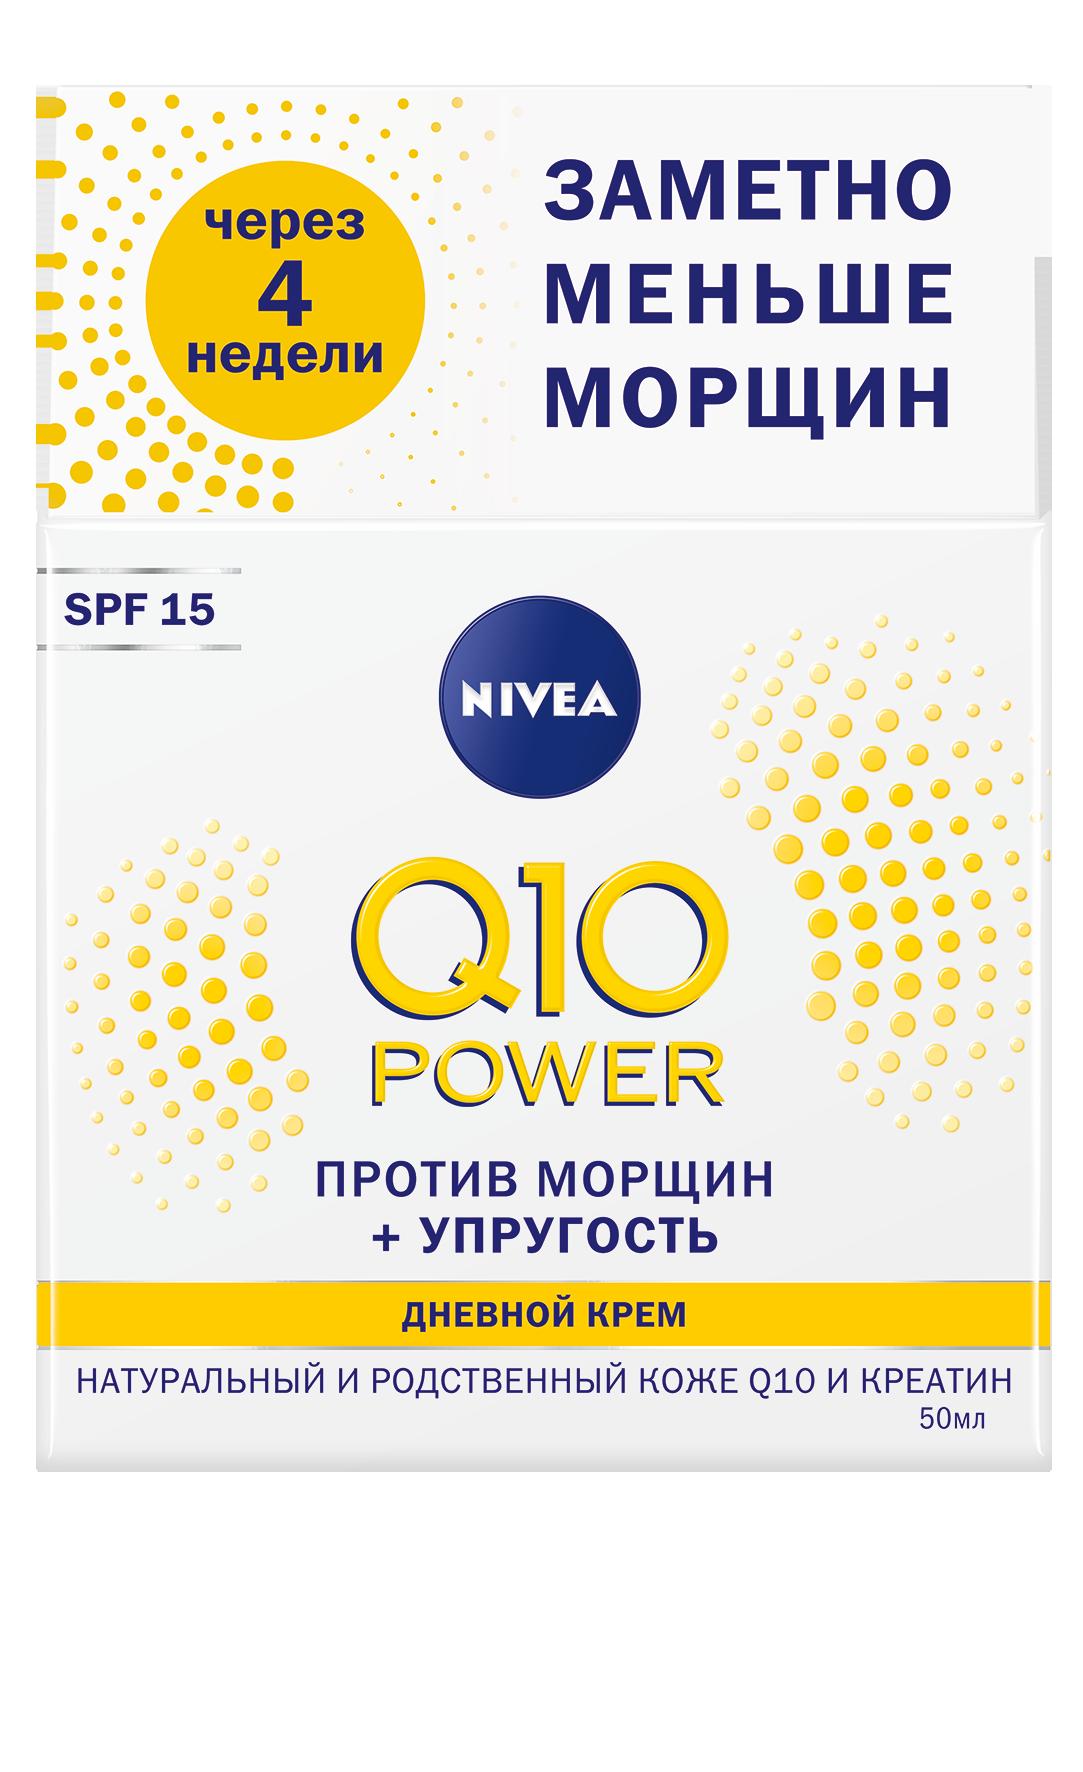 Крем для лица NIVEA Q10 для нормальной и сухой кожи 50 мл фото